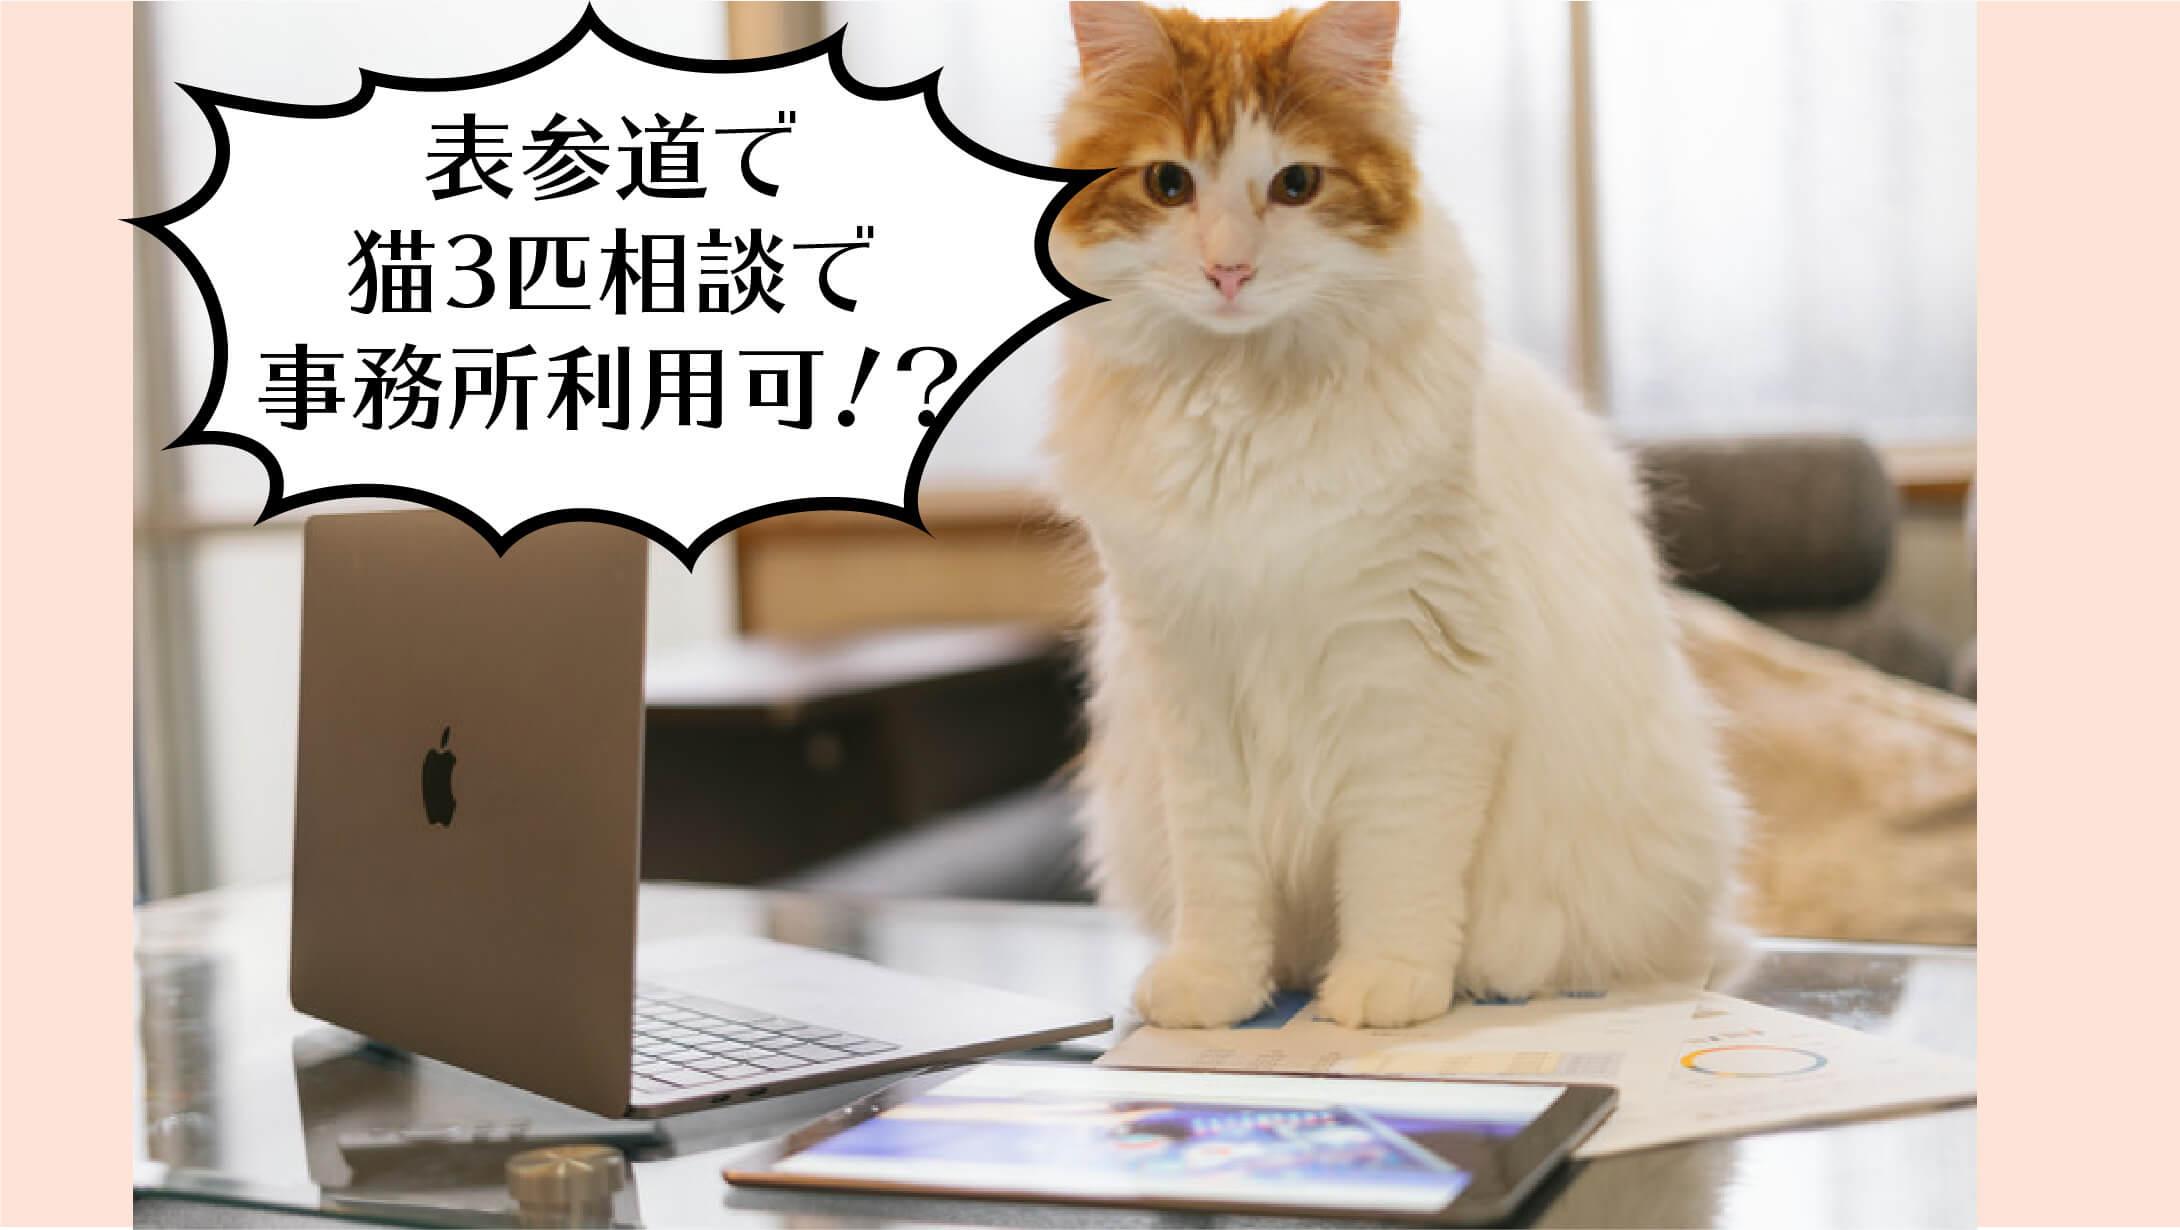 表参道でネコと暮らす、ネコと働く。